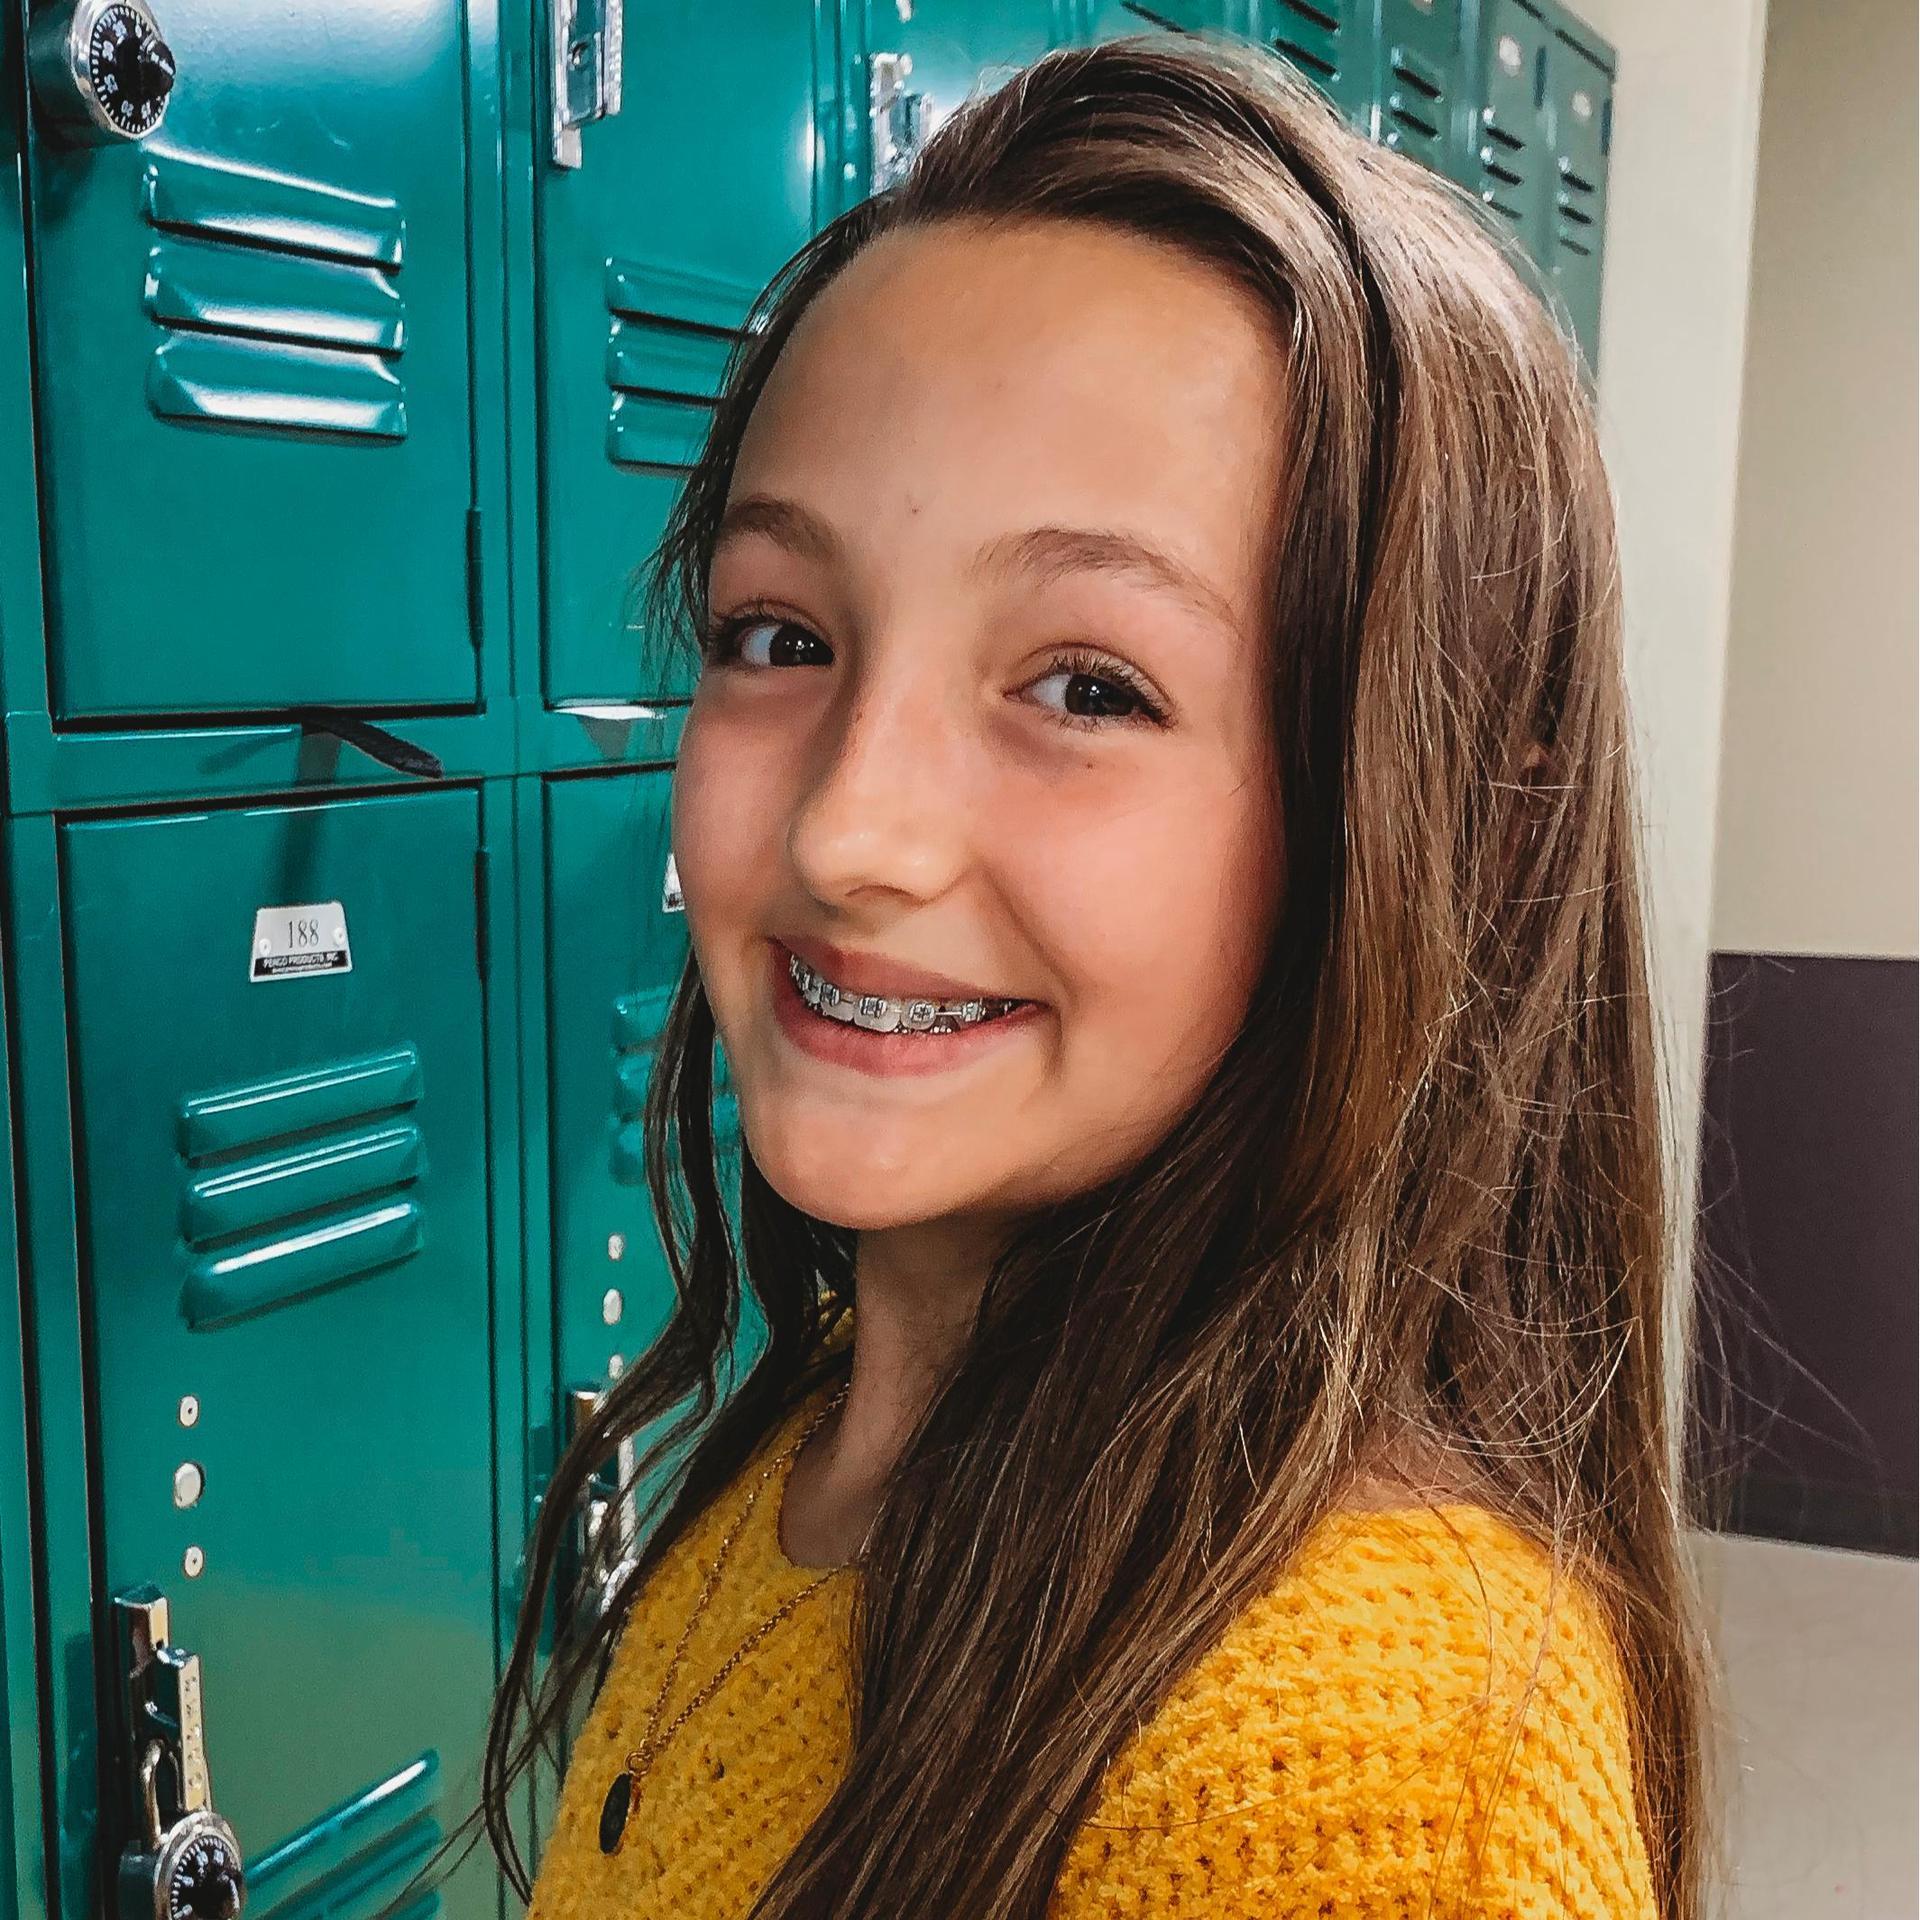 student at locker